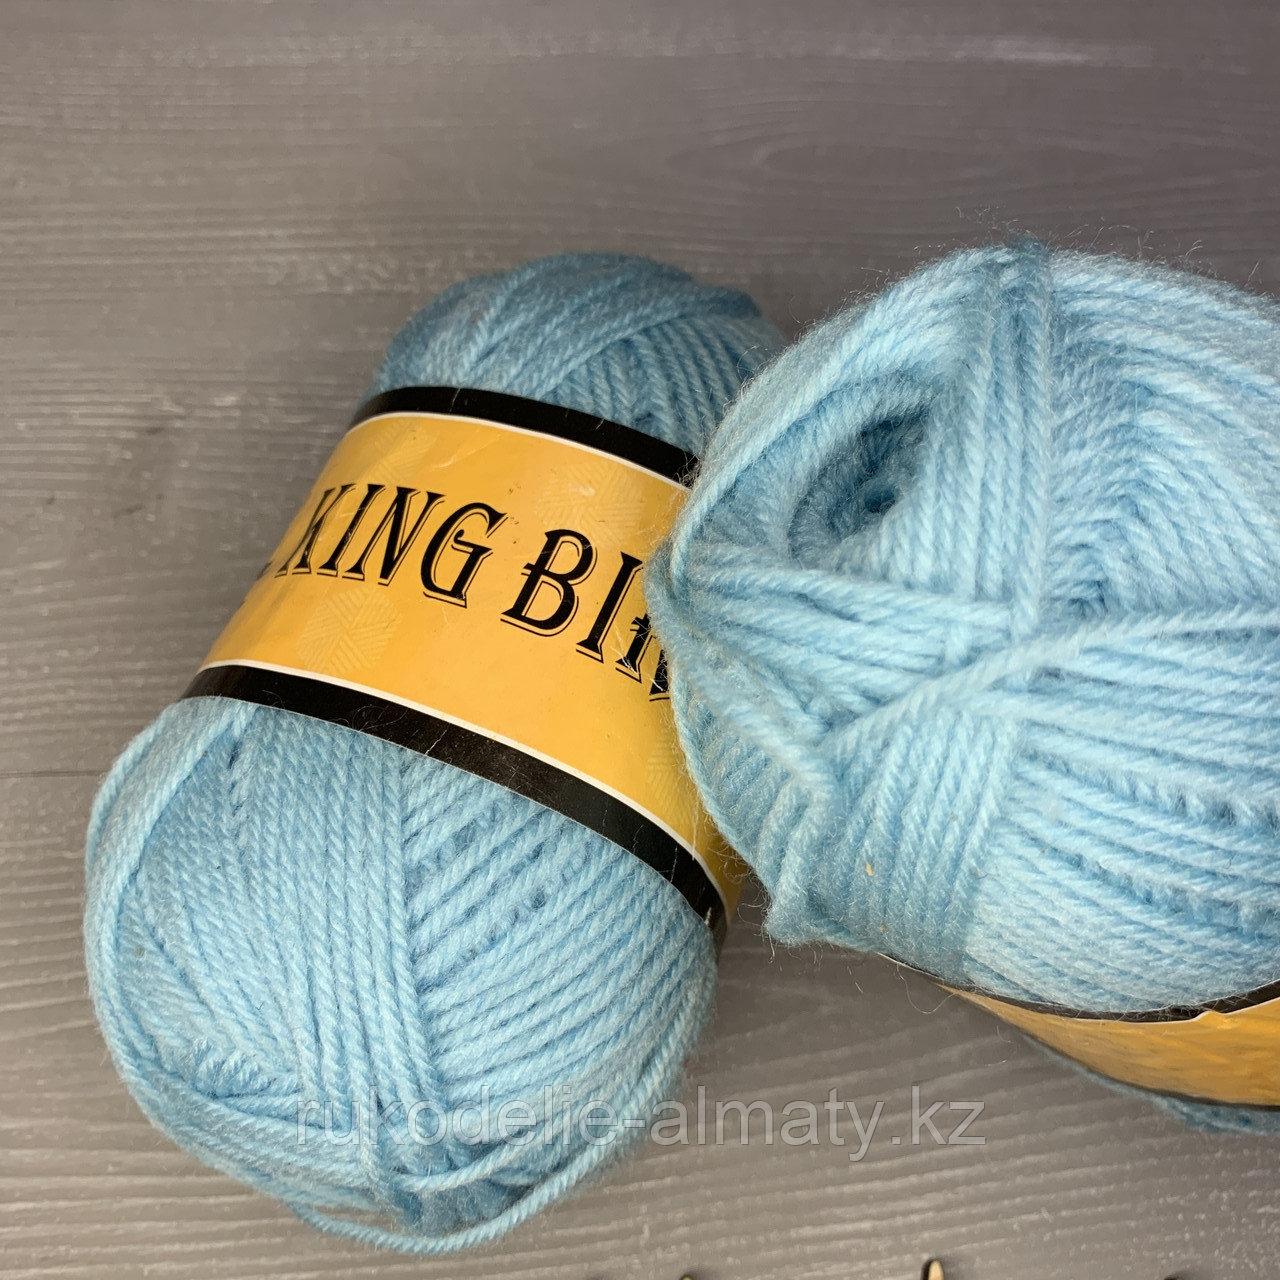 Пряжа акриловая премиум-класса King Bird голубой - фото 2